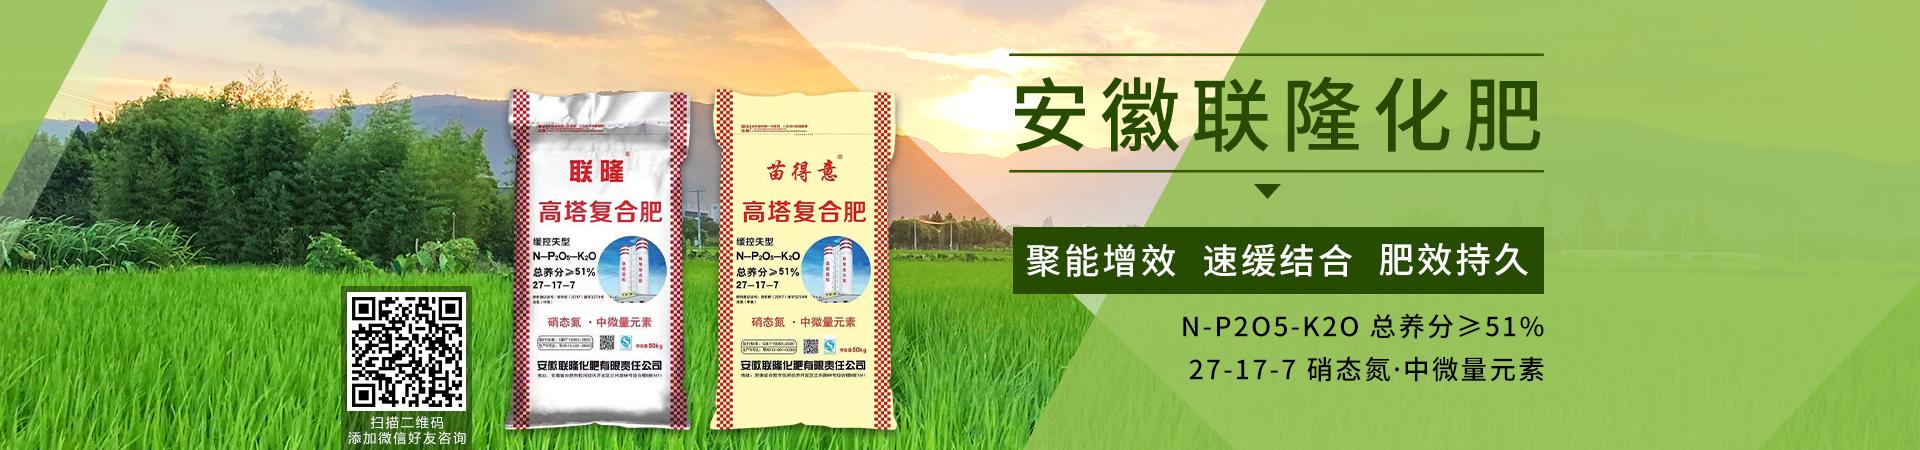 安徽联隆化肥有限公司